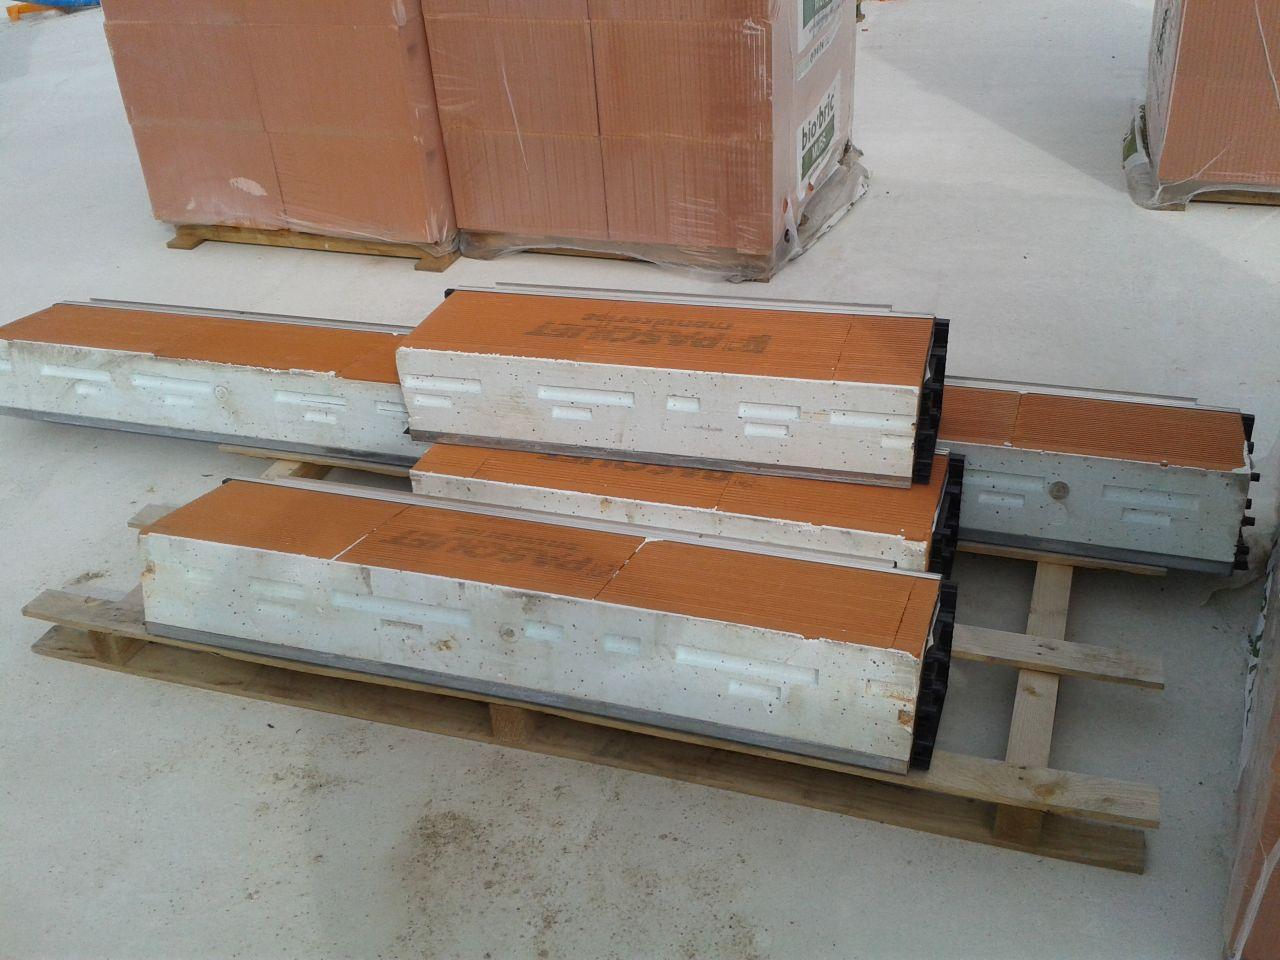 Construction rt 2012 et abf sur les coteaux de loire st for Construction rt 2012